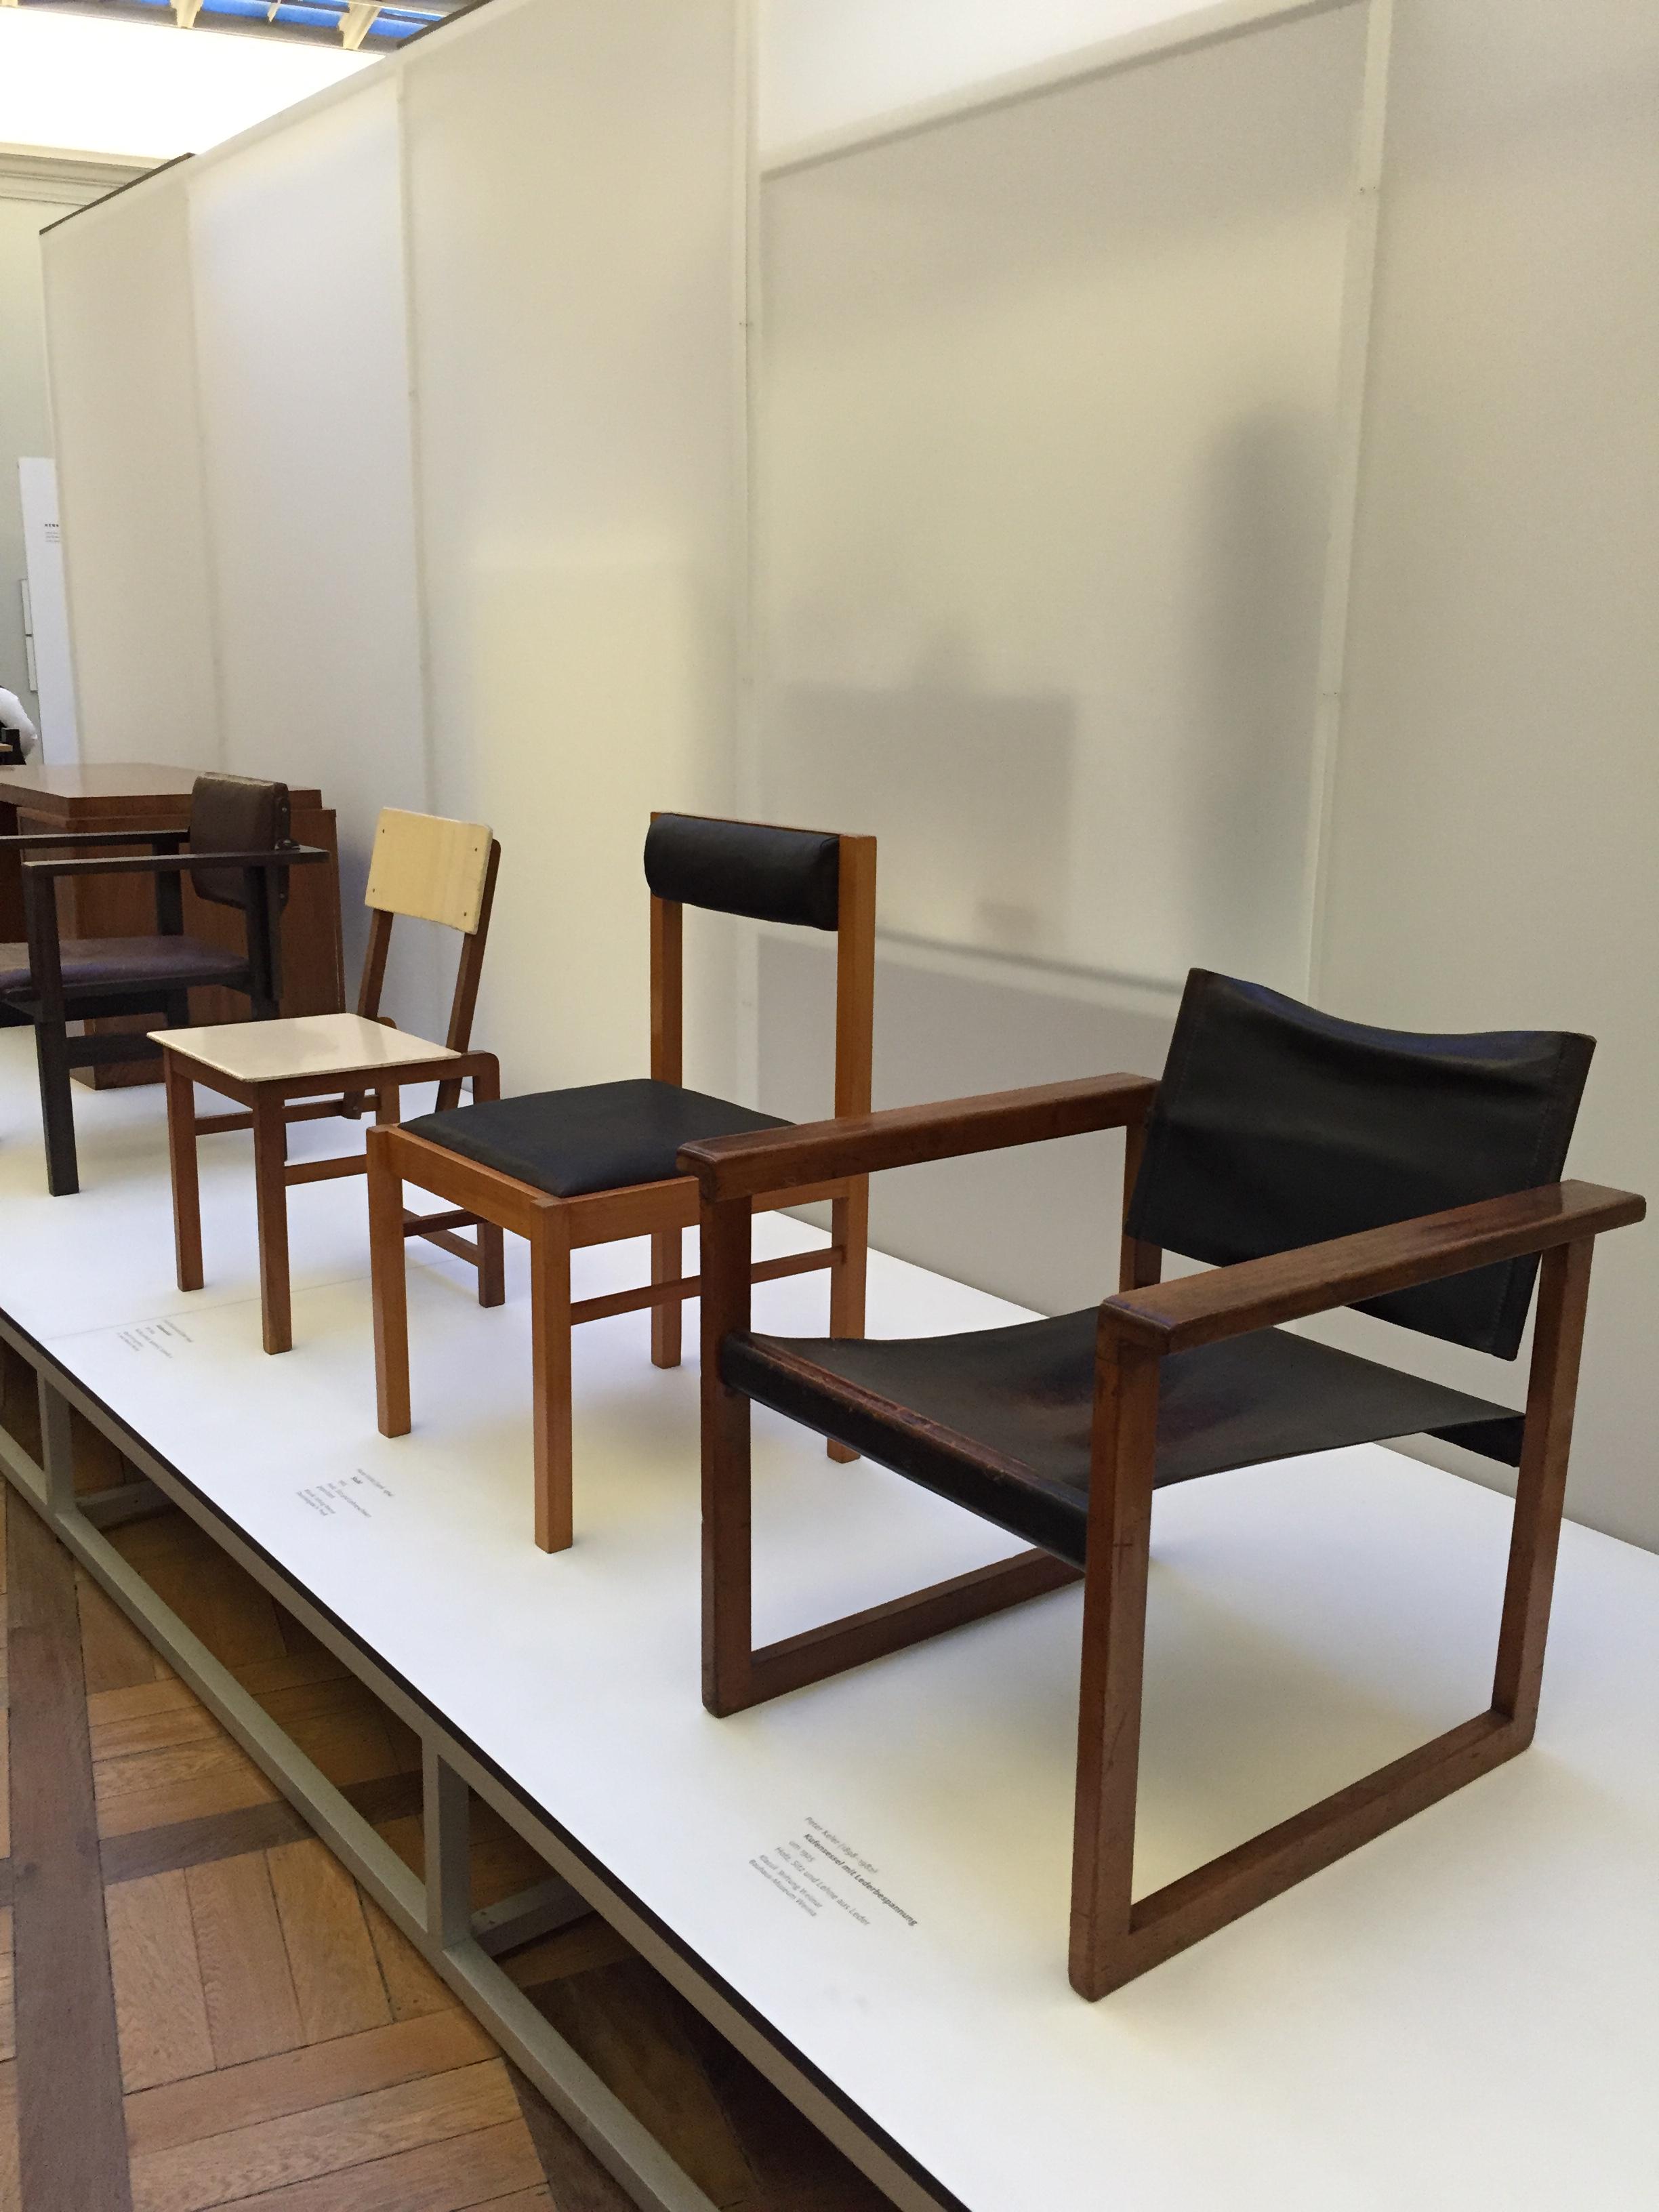 Bauhaus chair 1920 - Early Bauhaus Chairs